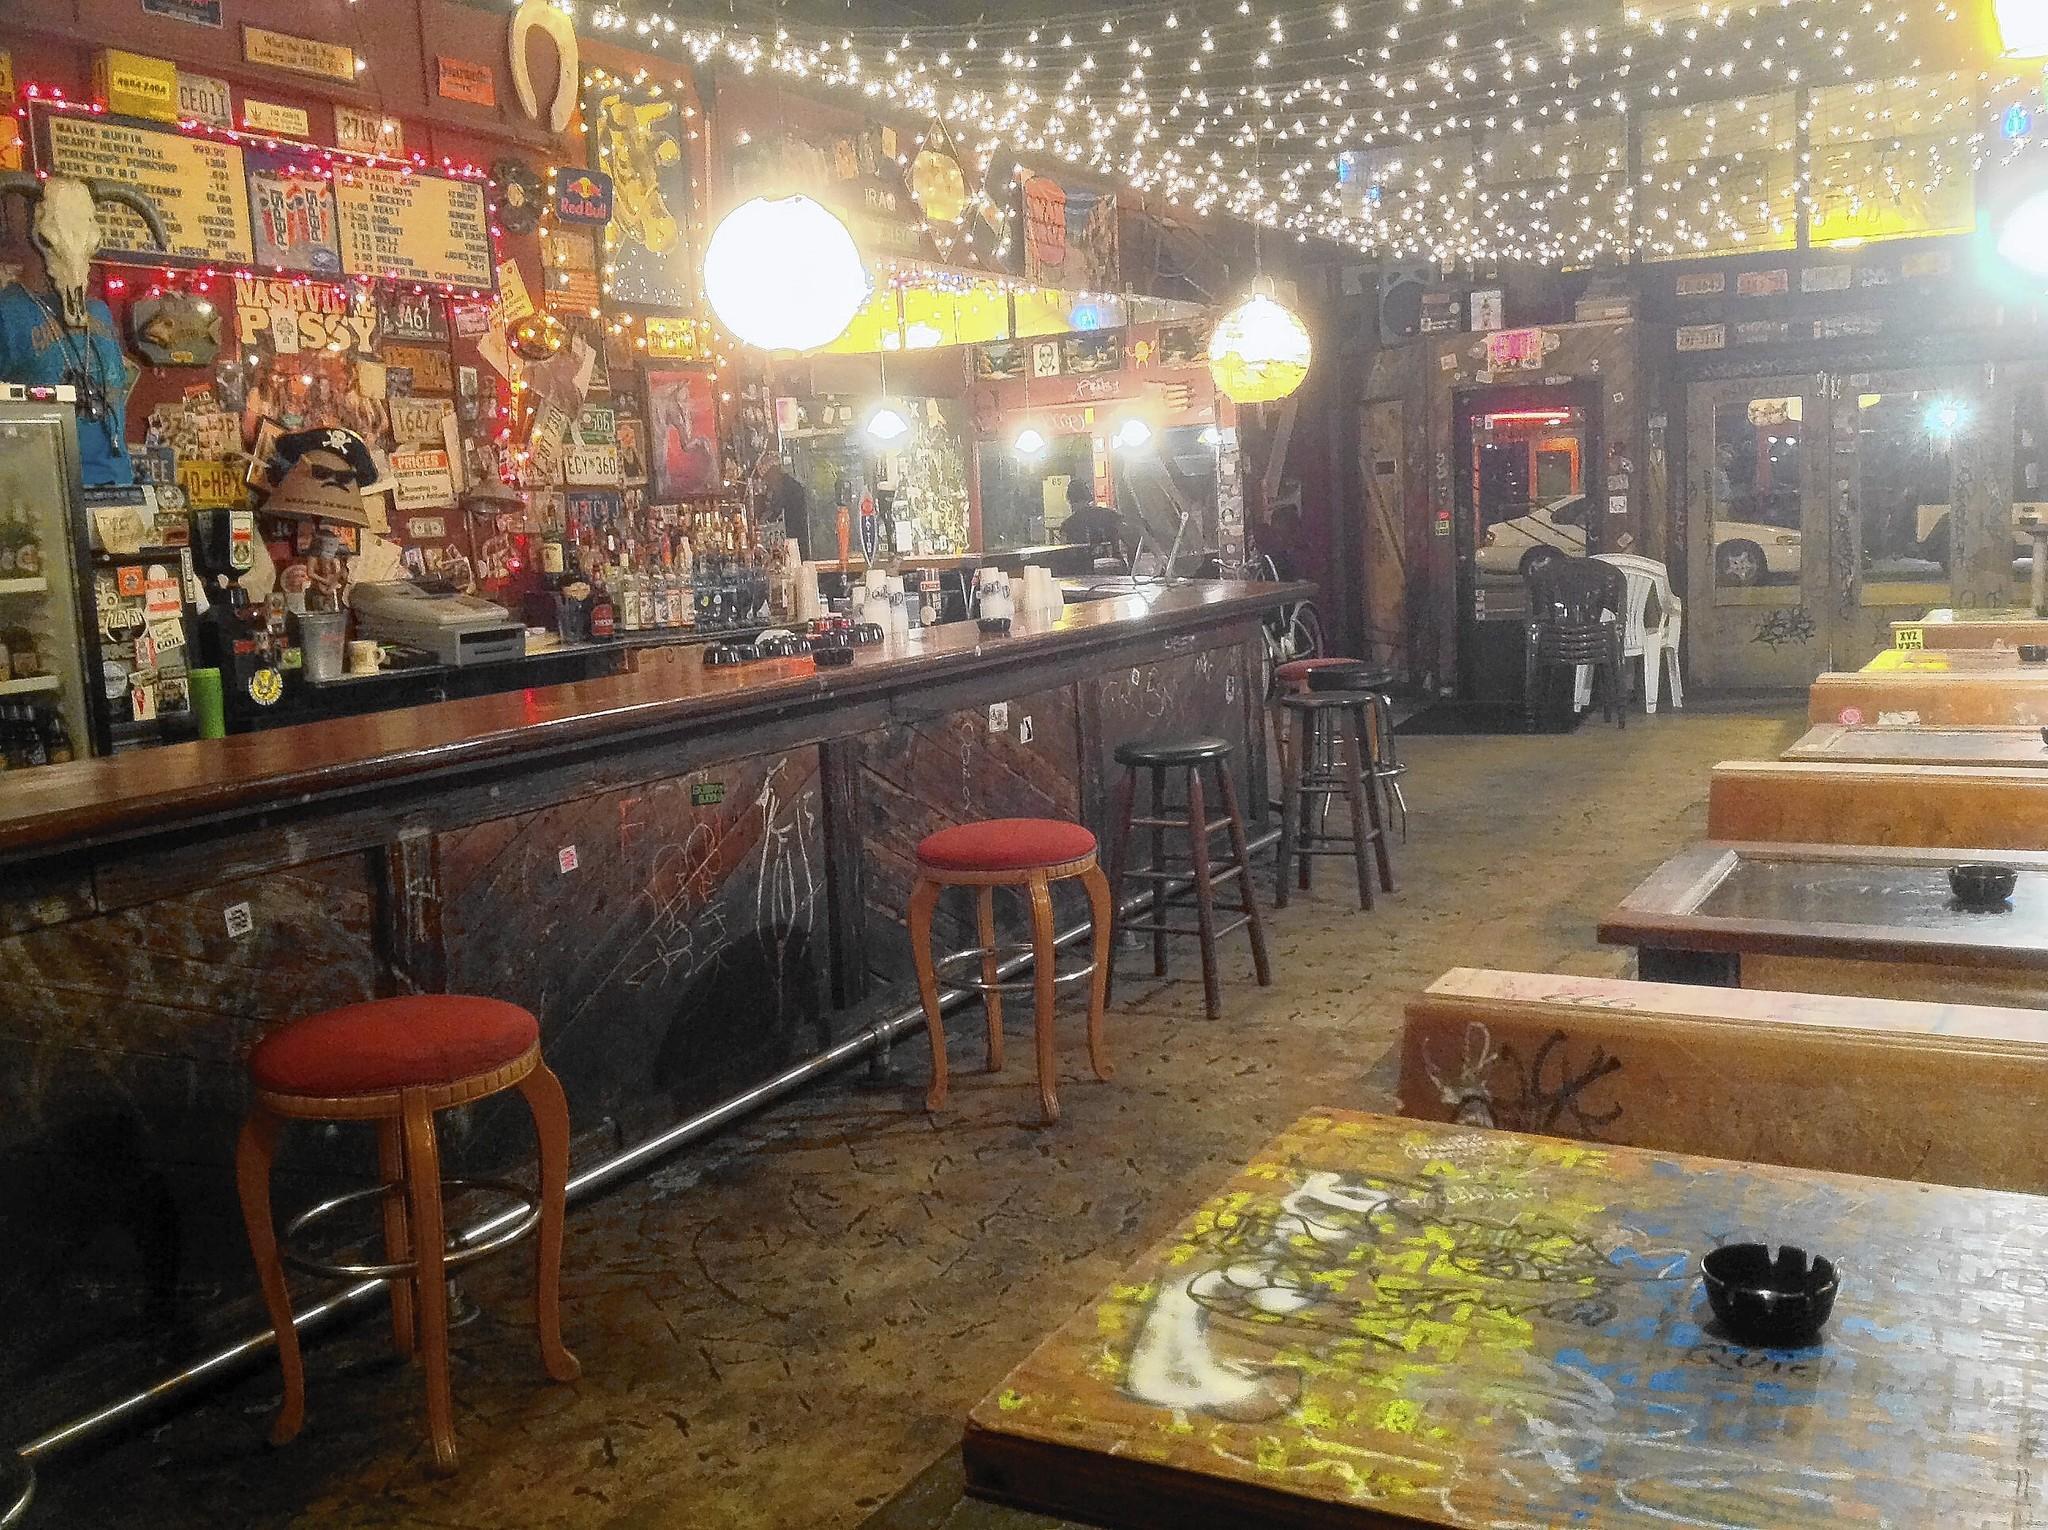 Roundup of central florida dive bars tribunedigital for Bar dive